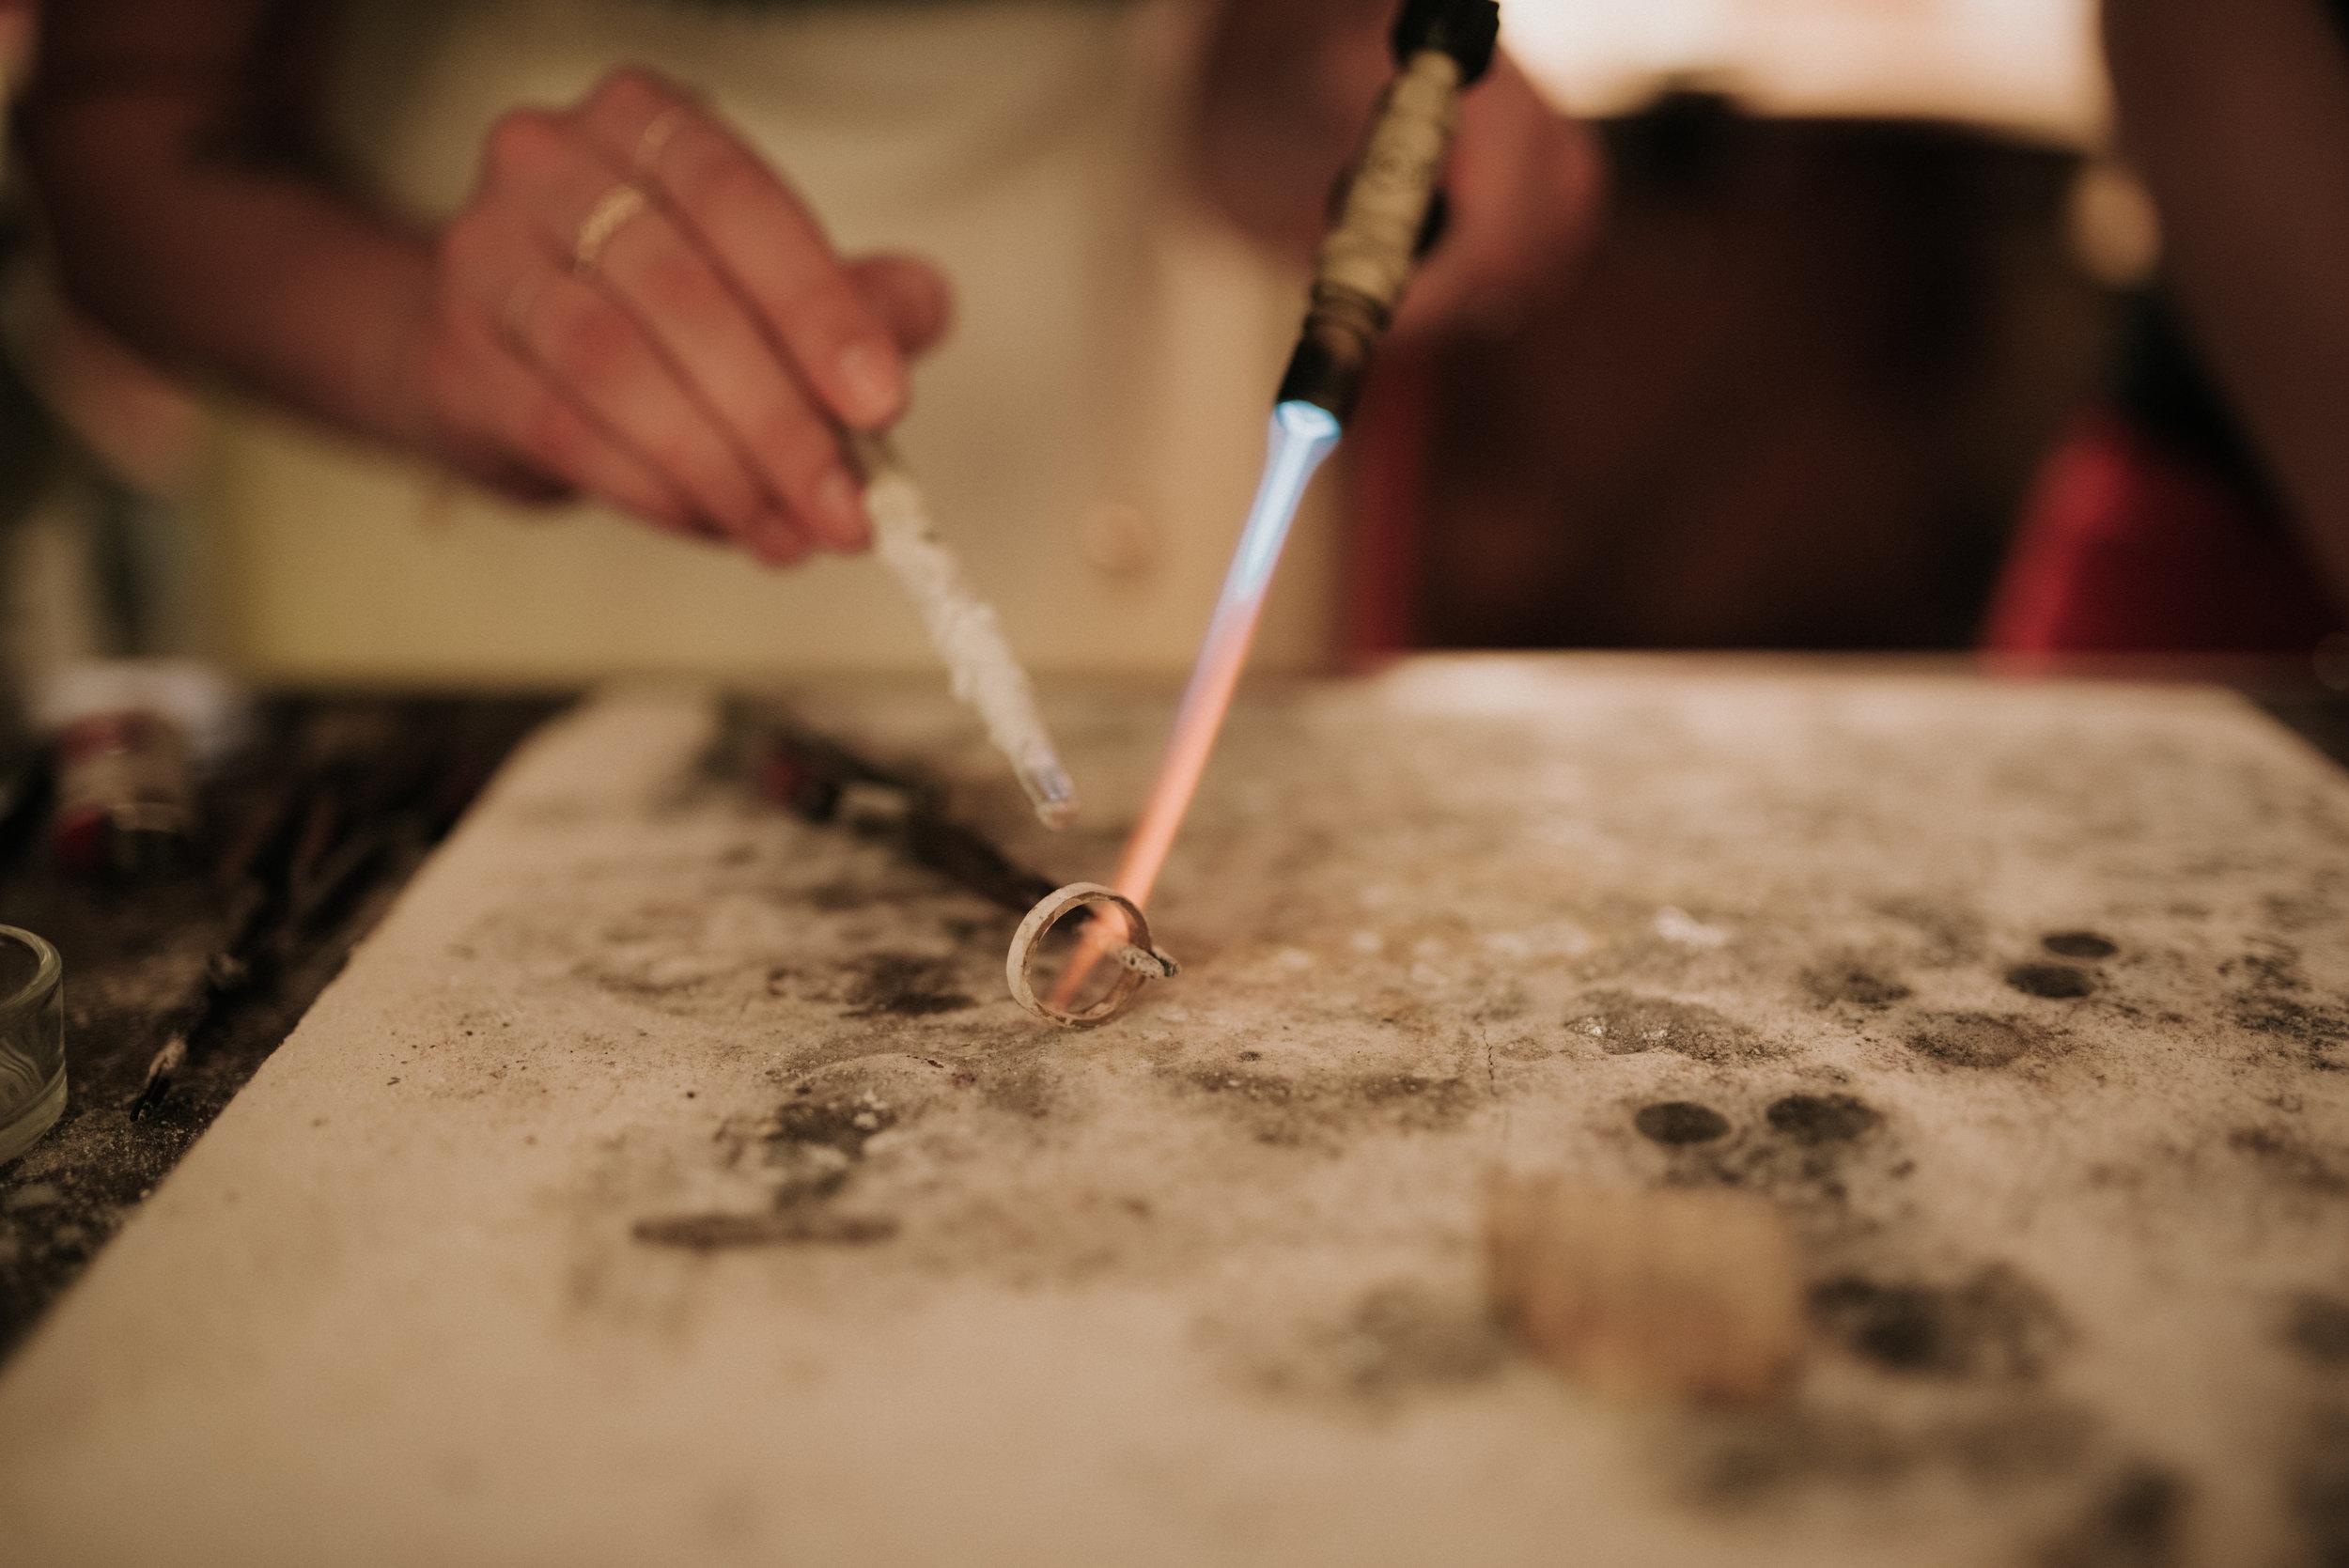 Léa-Fery-photographe-professionnel-lyon-rhone-alpes-portrait-creation-mariage-evenement-evenementiel-famille-9001.jpg